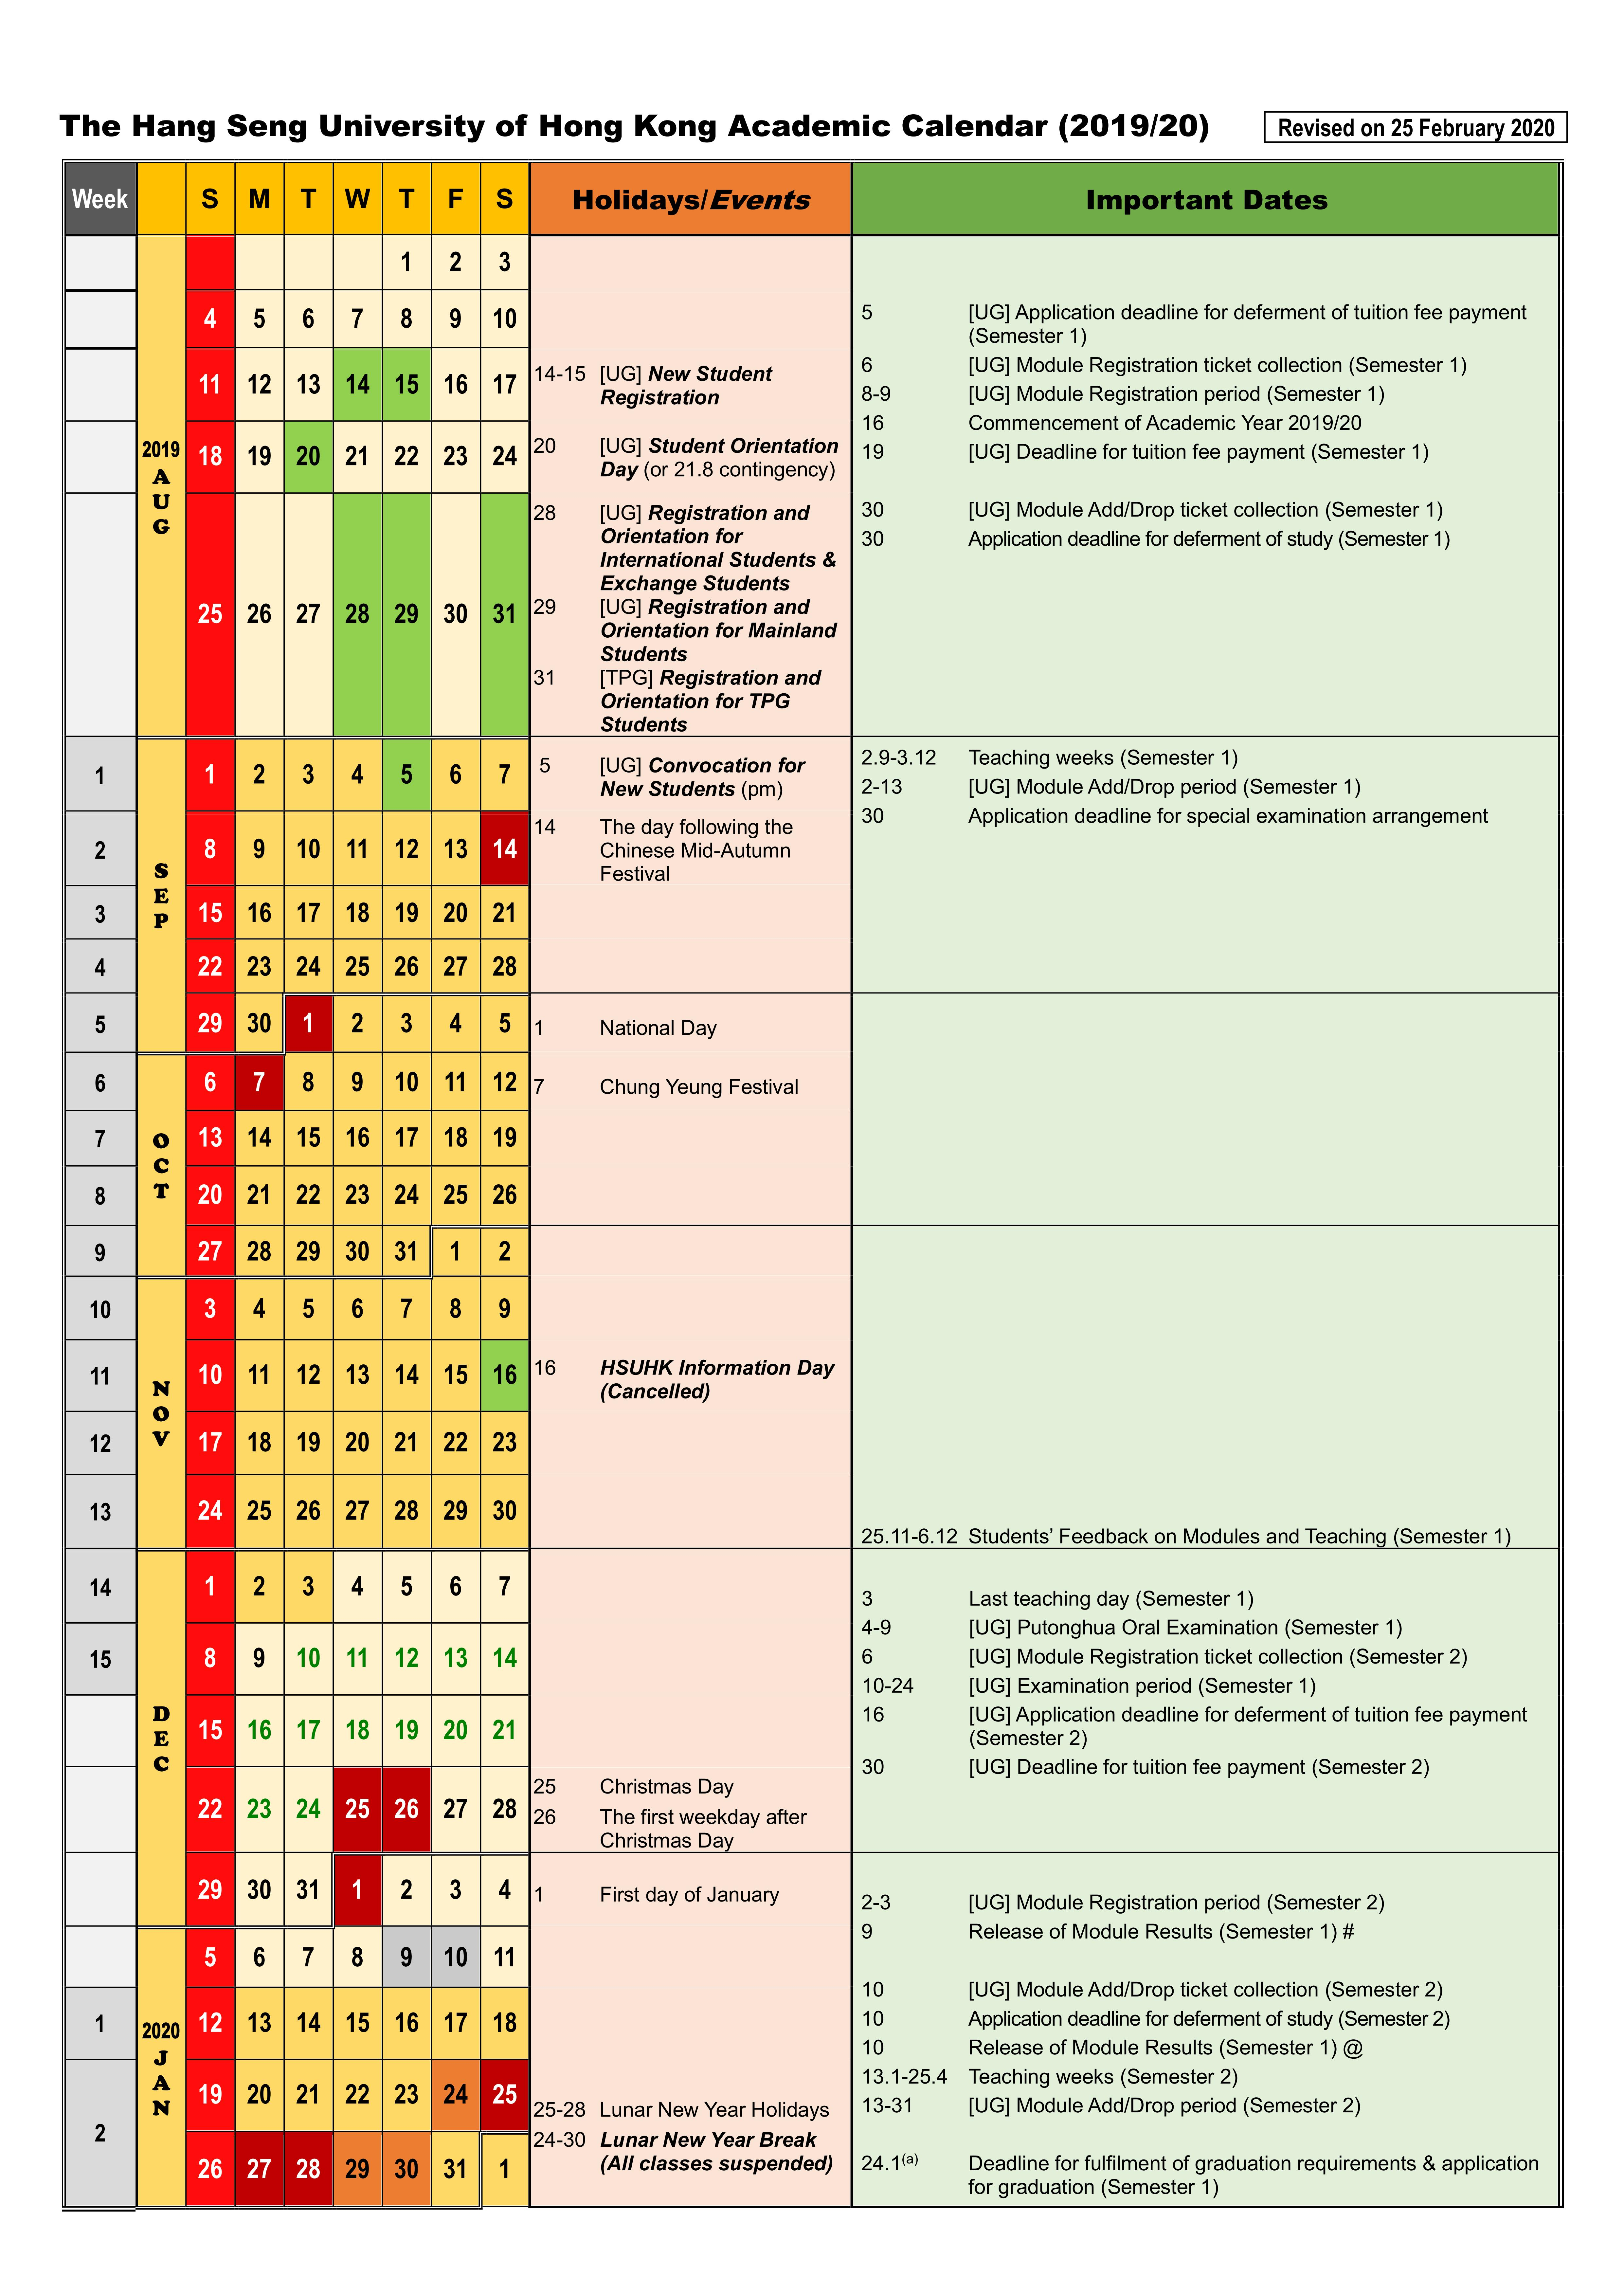 Academic Calendar 2019-20 (final)_20200225_01